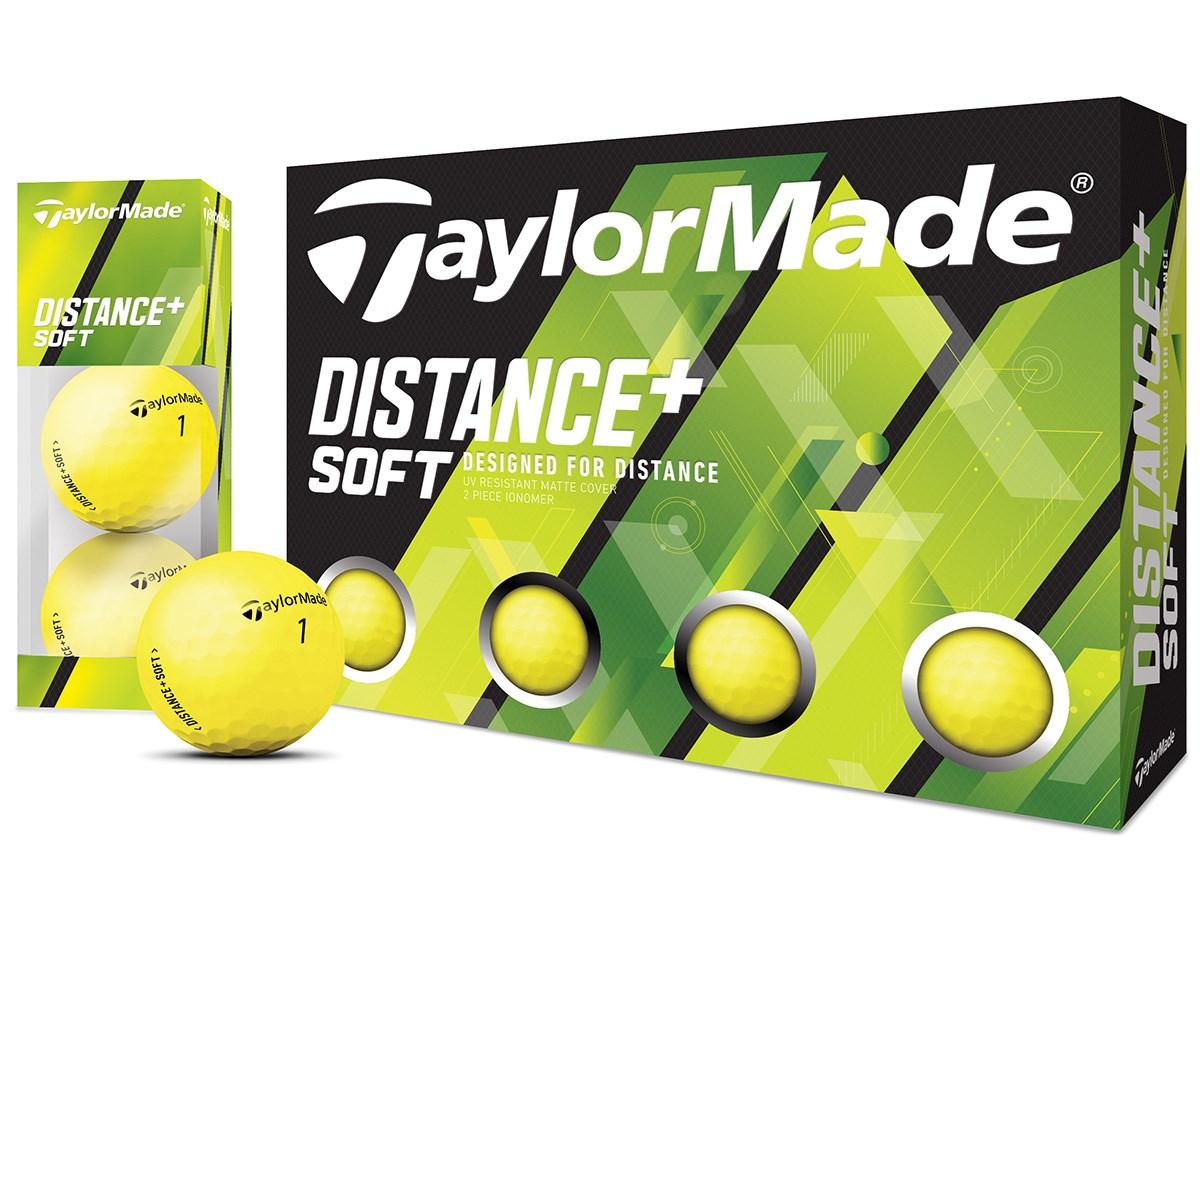 テーラーメイド DISTANCE+ Distance+Soft ボール 5ダースセット 5ダース(60個入り) マットイエロー